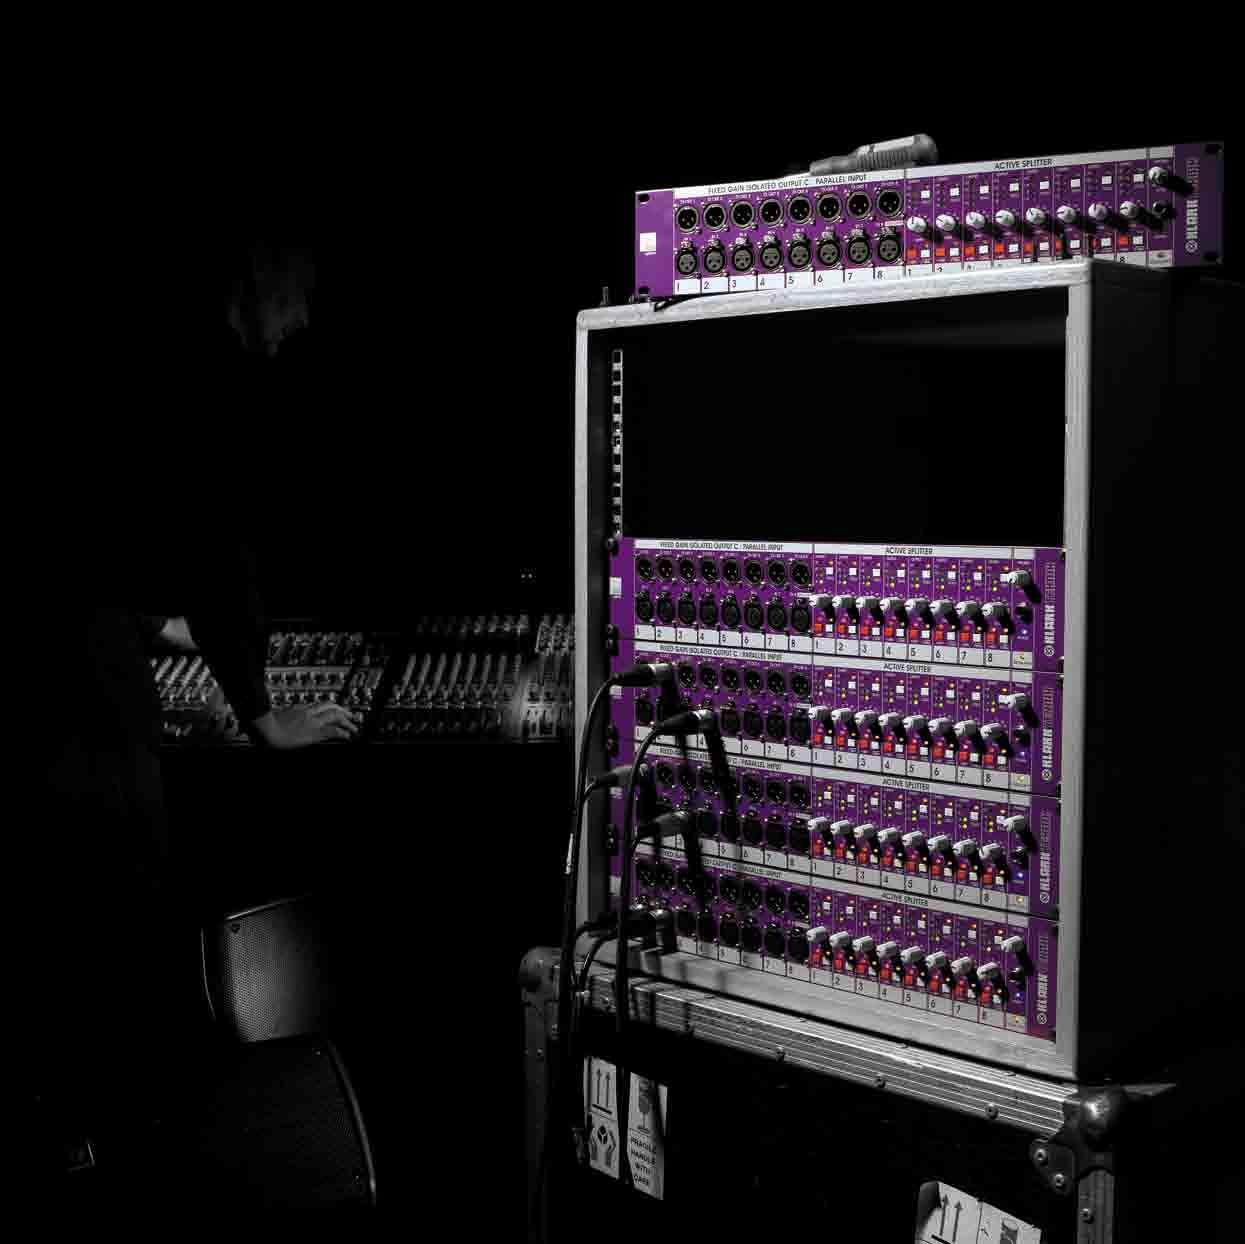 广电 专业音响,录音设备 功放,均衡器 > klark teknik square one